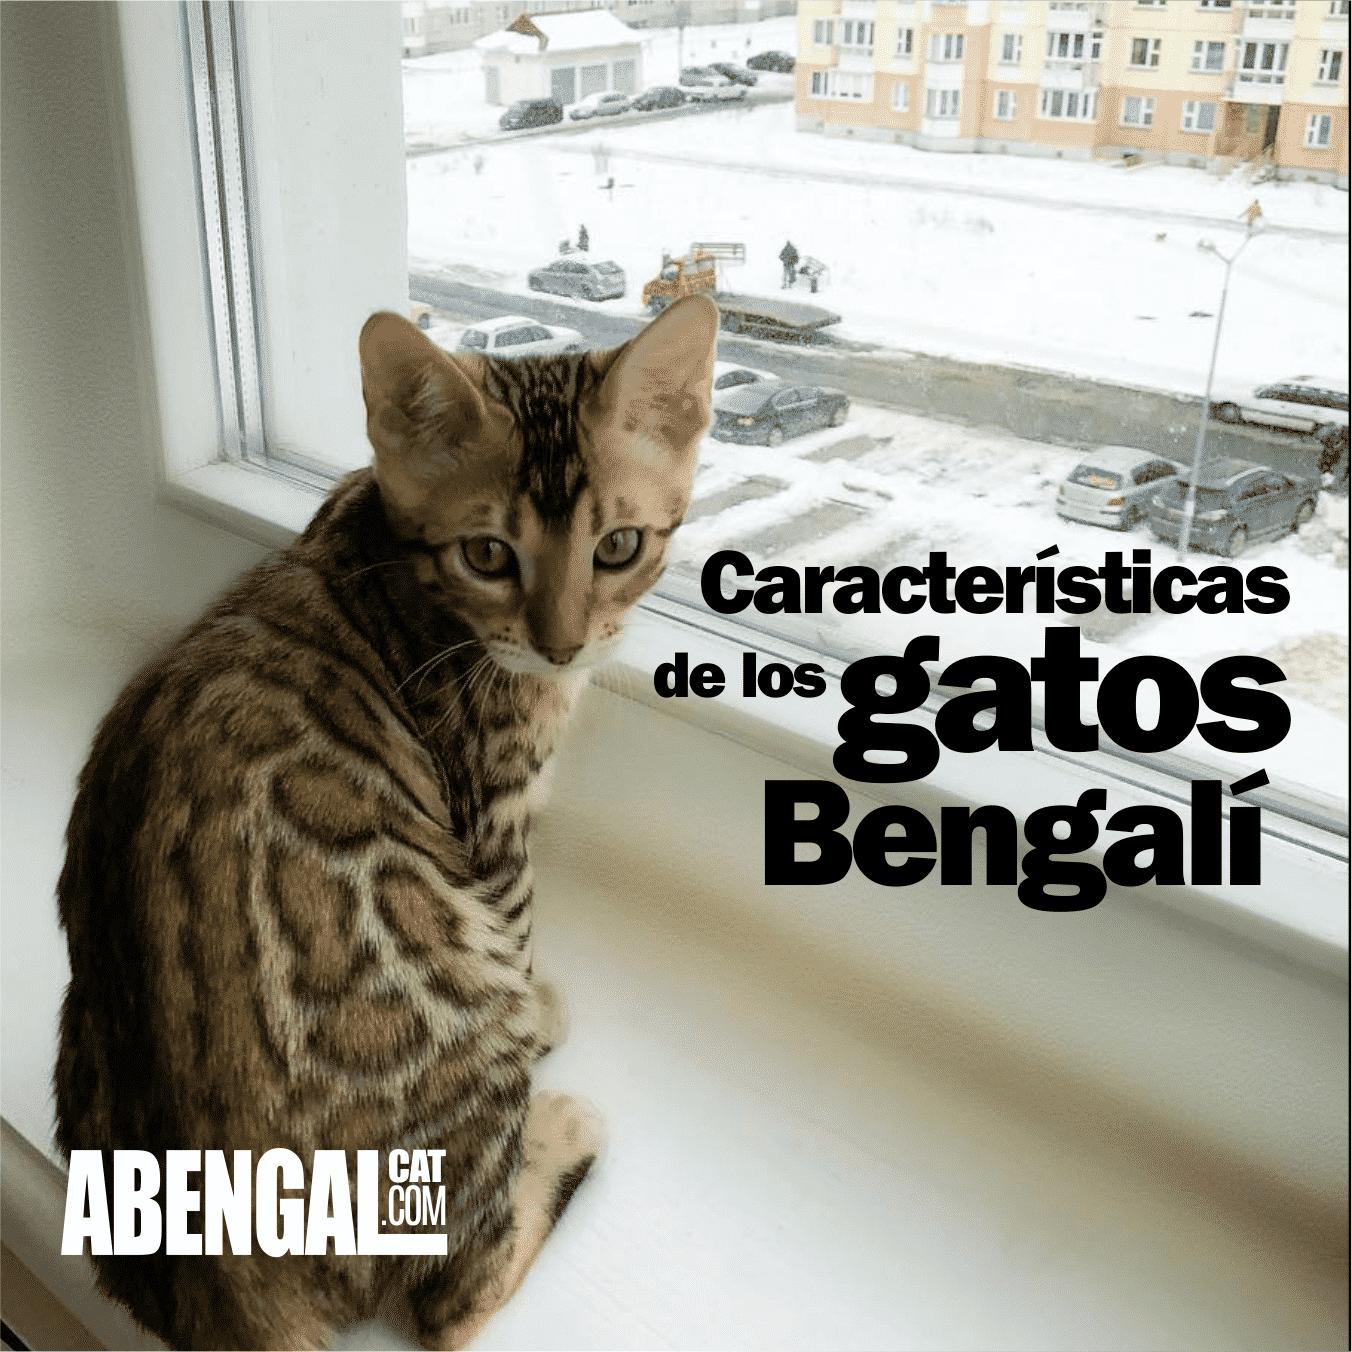 caracteristicas-de-los-gatos-bengali